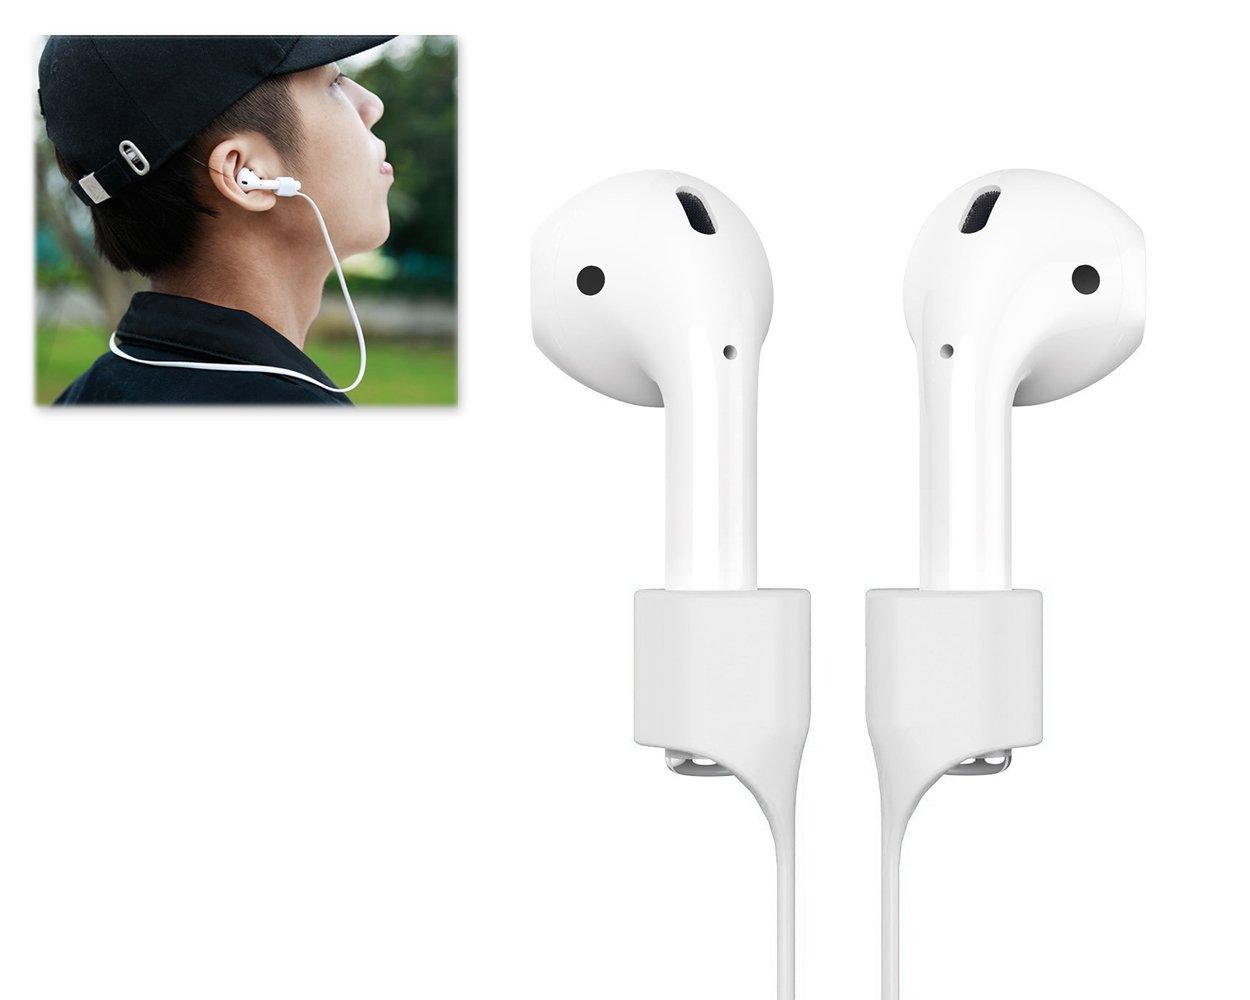 Fermeture magn/étique Sangle anti-perdue Compatible avec les AirPod sport Protecteur Cordon de silicone Compatible avec Apple /Écouteurs sans-fil